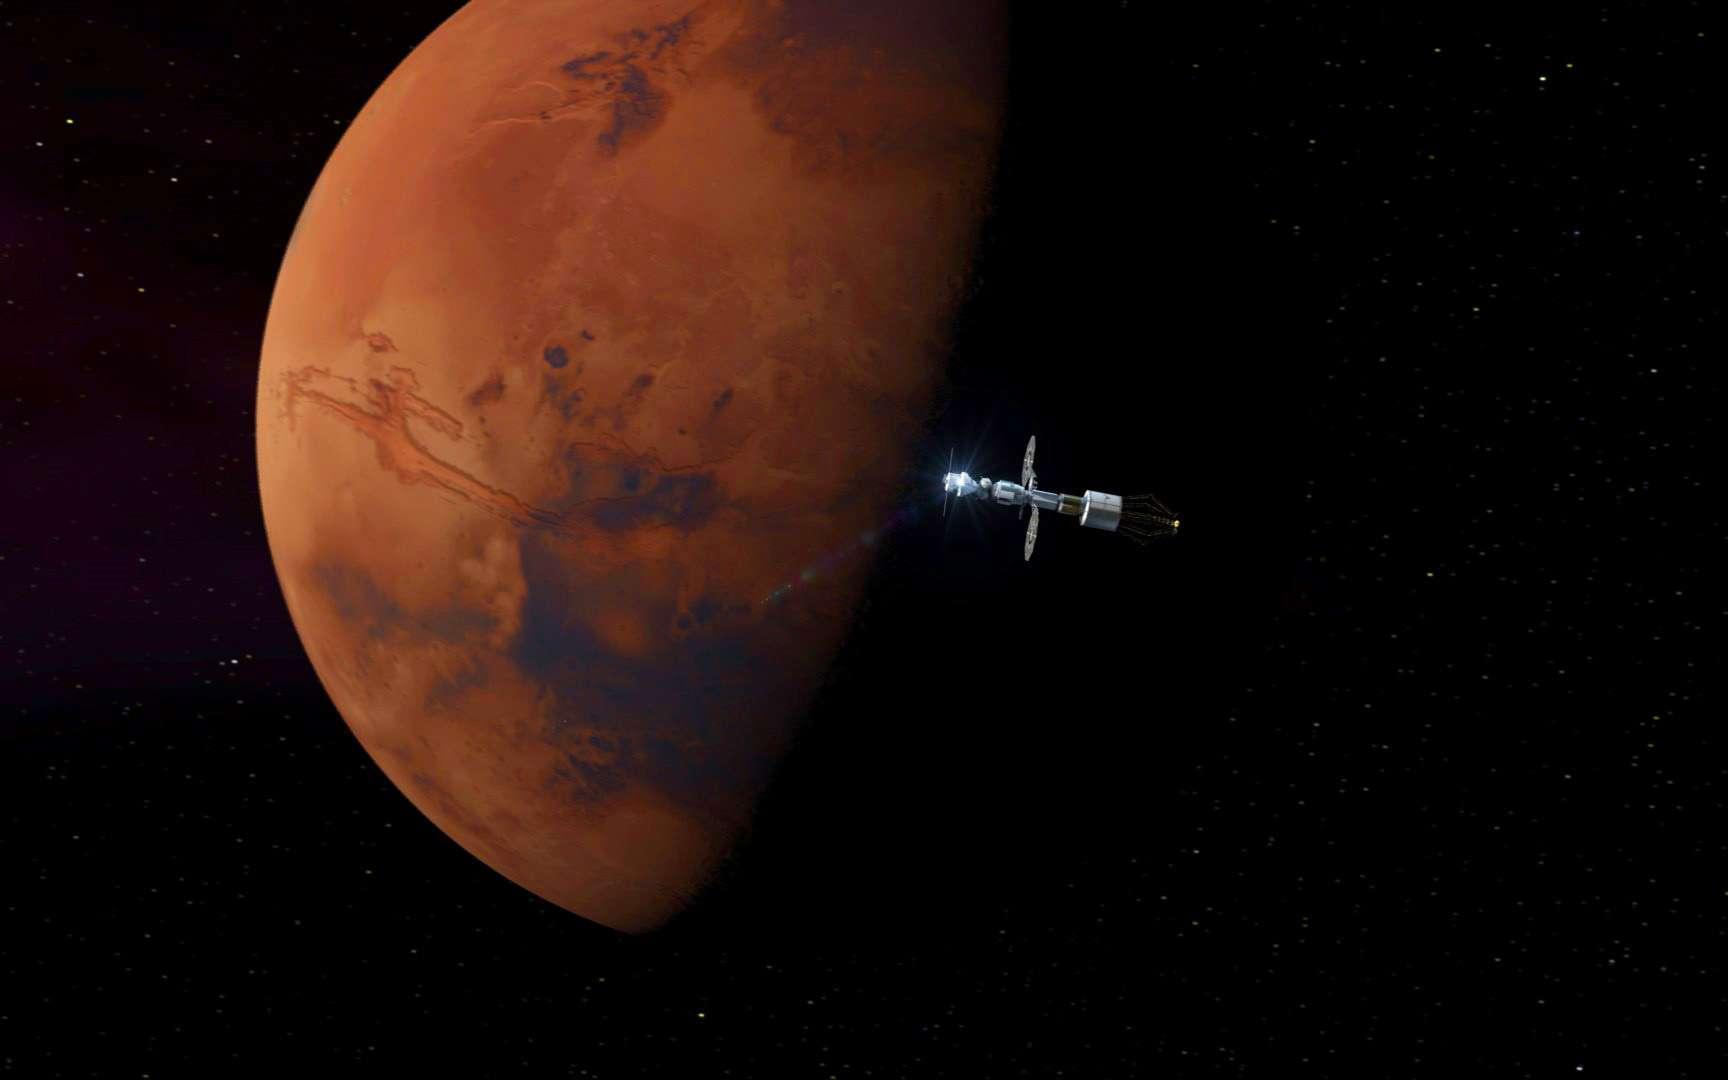 Vue d'artiste du Deep Space Transport (DST) de la Nasa. Ce véhicule, assemblé en orbite cislunaire, fera le voyage de la Lune à Mars. © Nasa